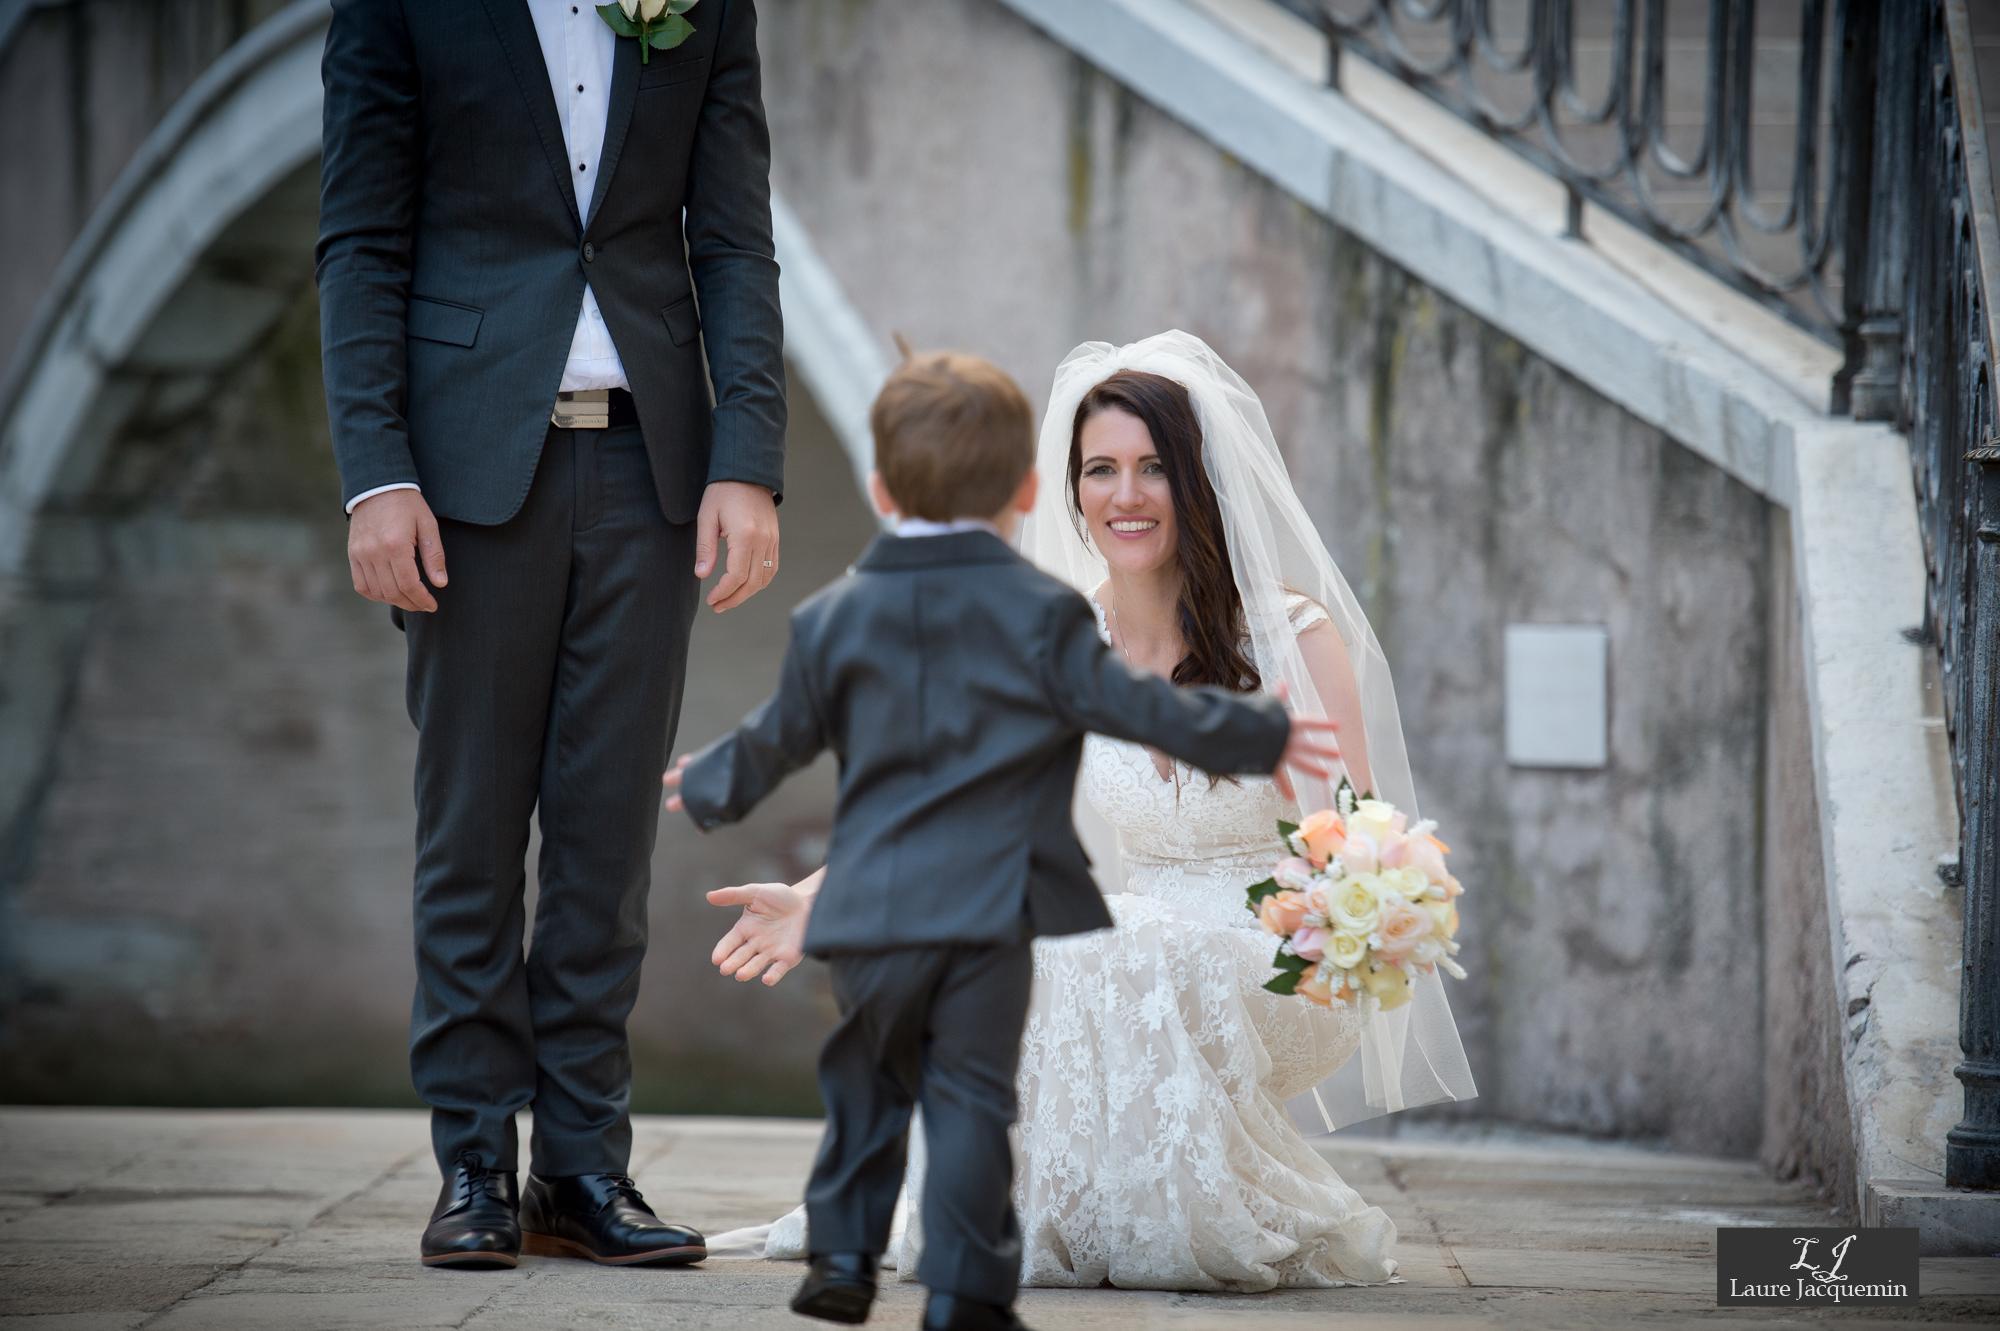 photographe mariage laure jacquemin palazzo cavalli service photographique (74)